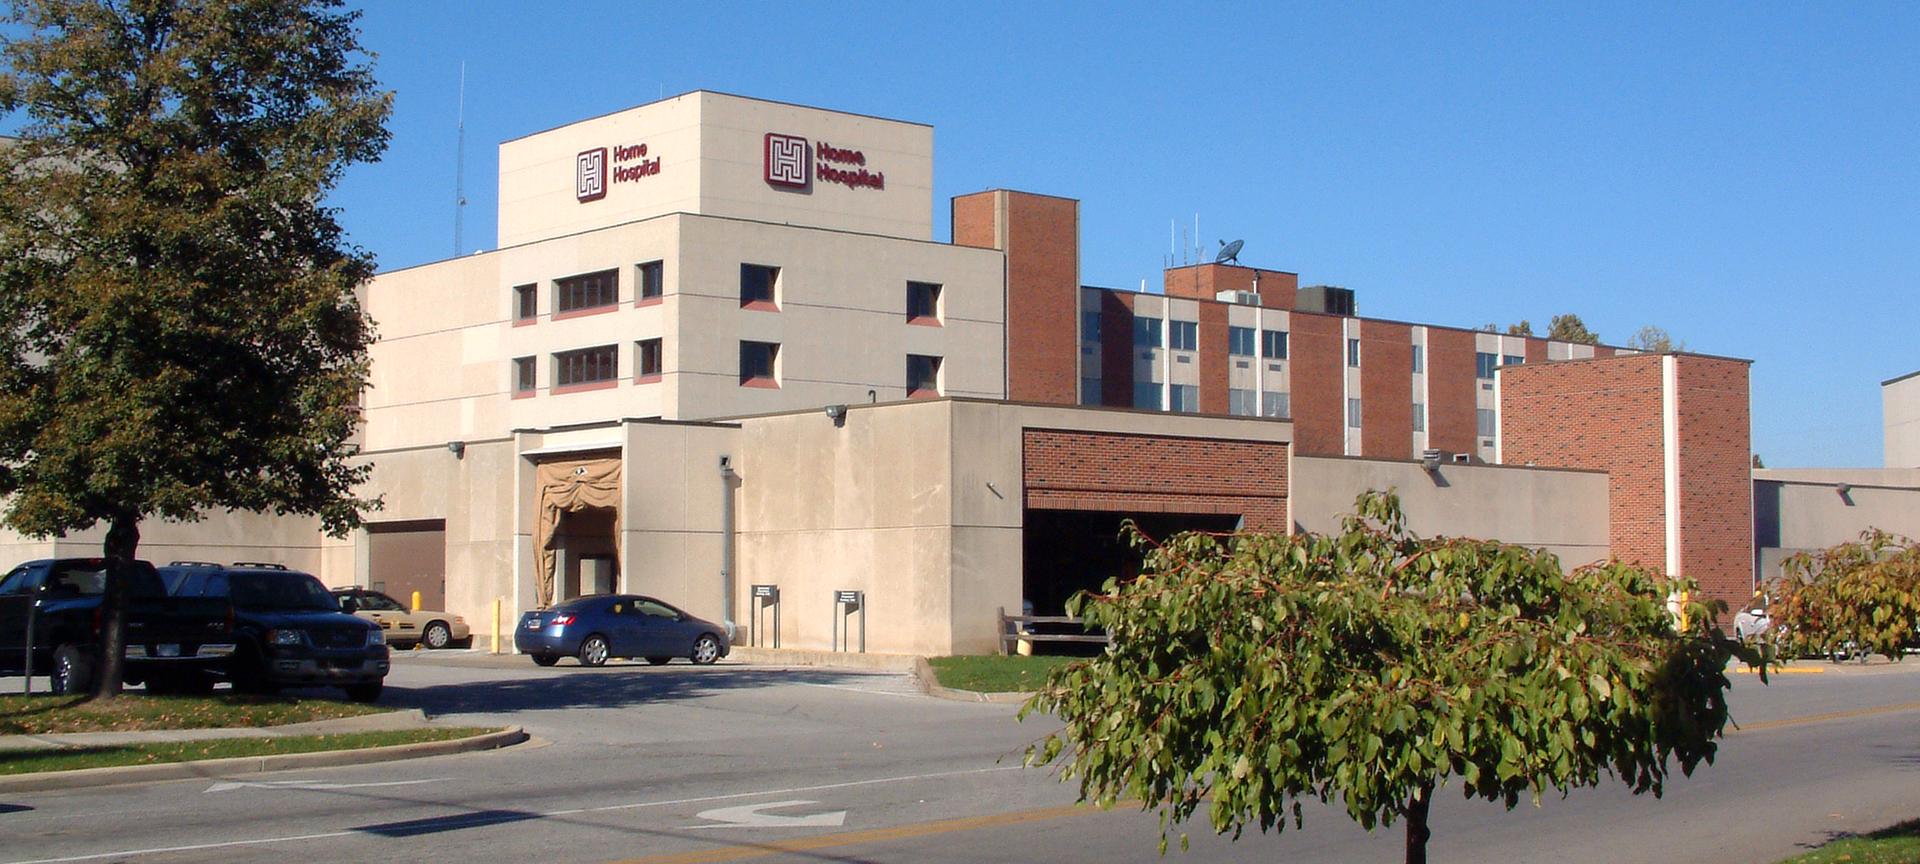 Baptist Health Home Care Flhealthcarefinder